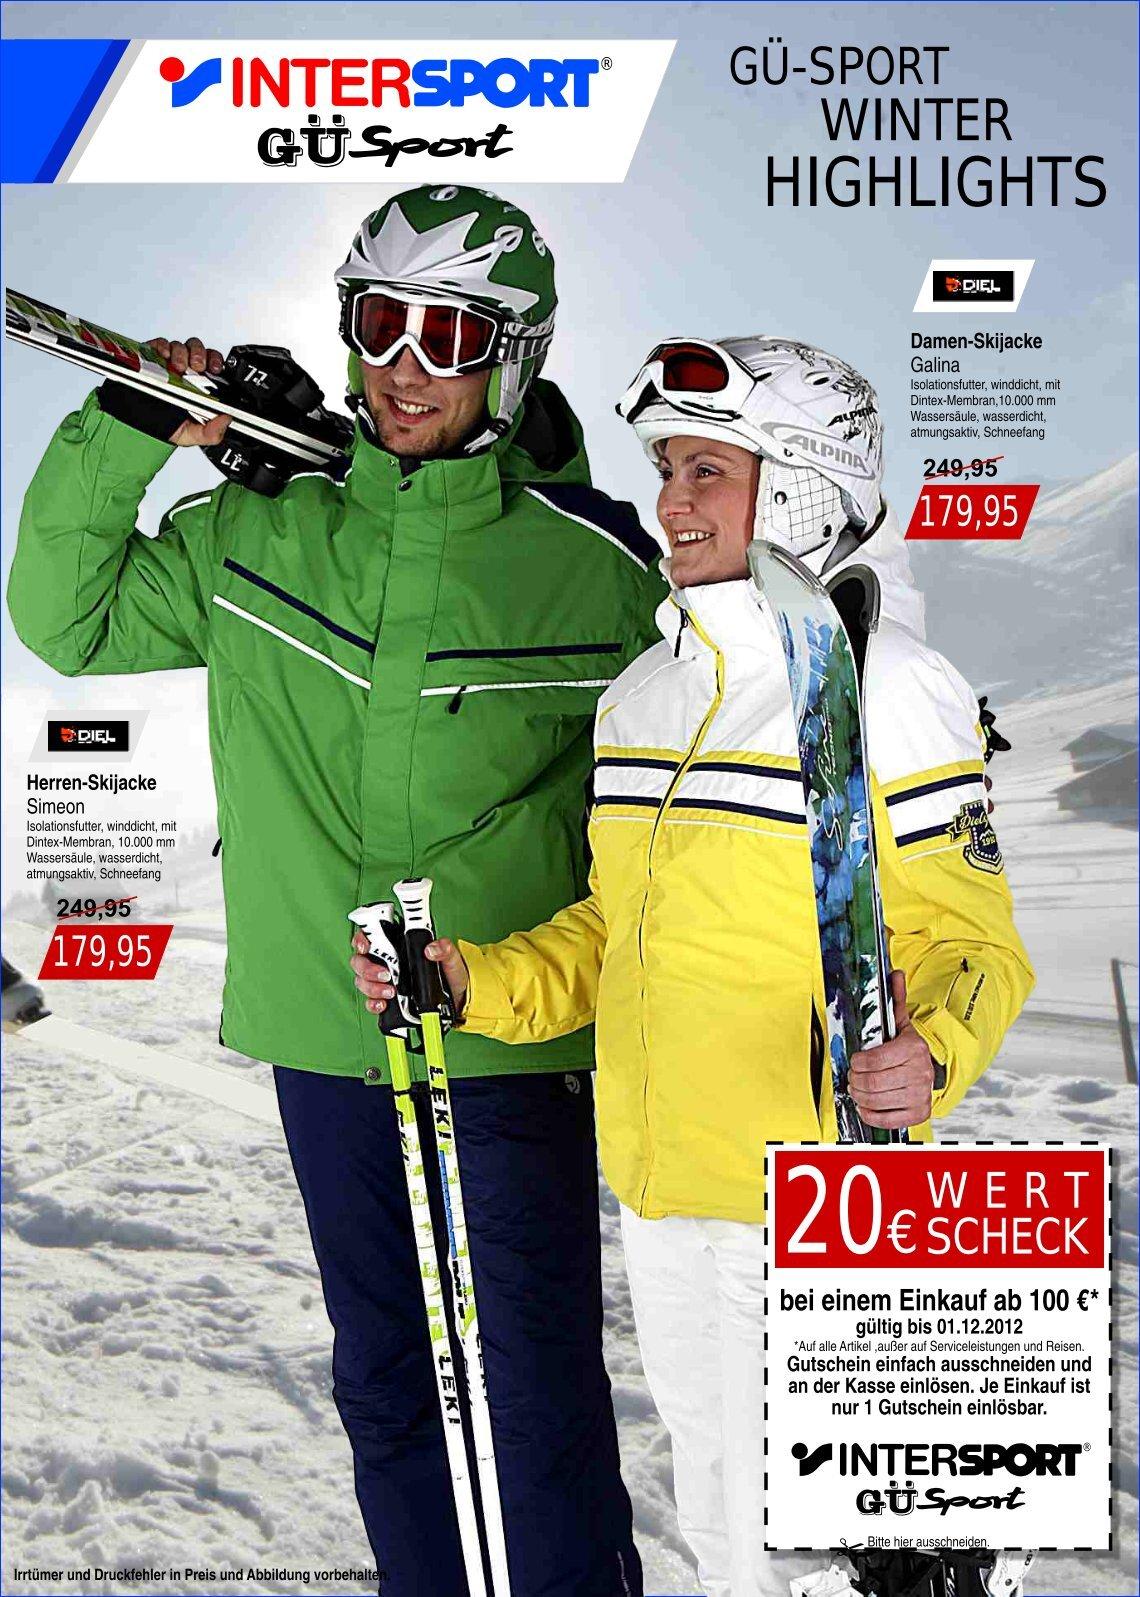 032f2c1e10e3d 6 free Magazines from INTERSPORT.GUE.SPORT.DE